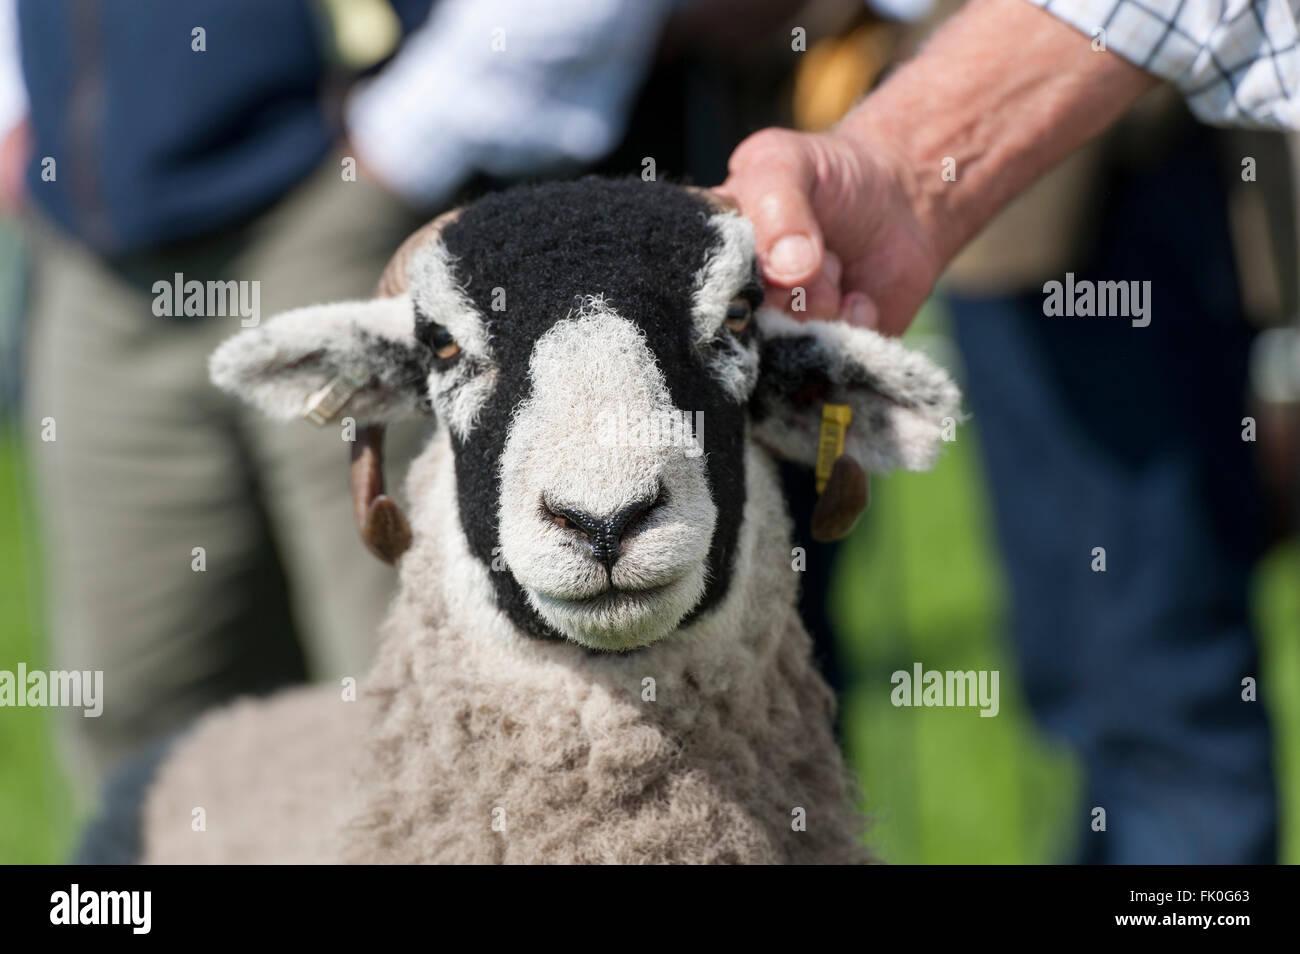 Black Nose Sheep Stock Photos Black Nose Sheep Stock